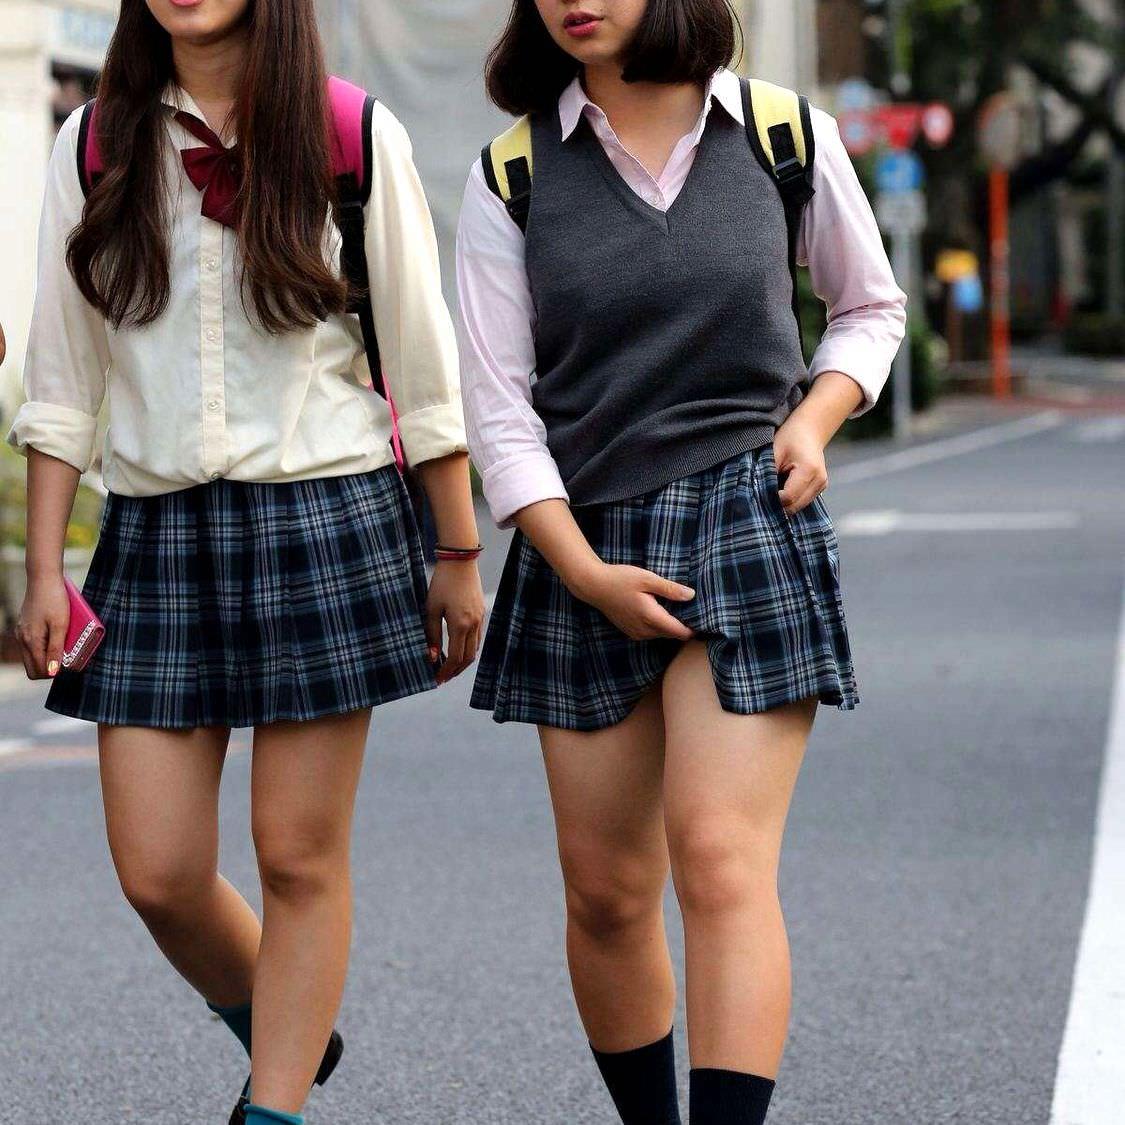 発育した女子高生のおっぱいやお尻はいつ見ても素晴らしいですwwwwwwww 7MnETRW